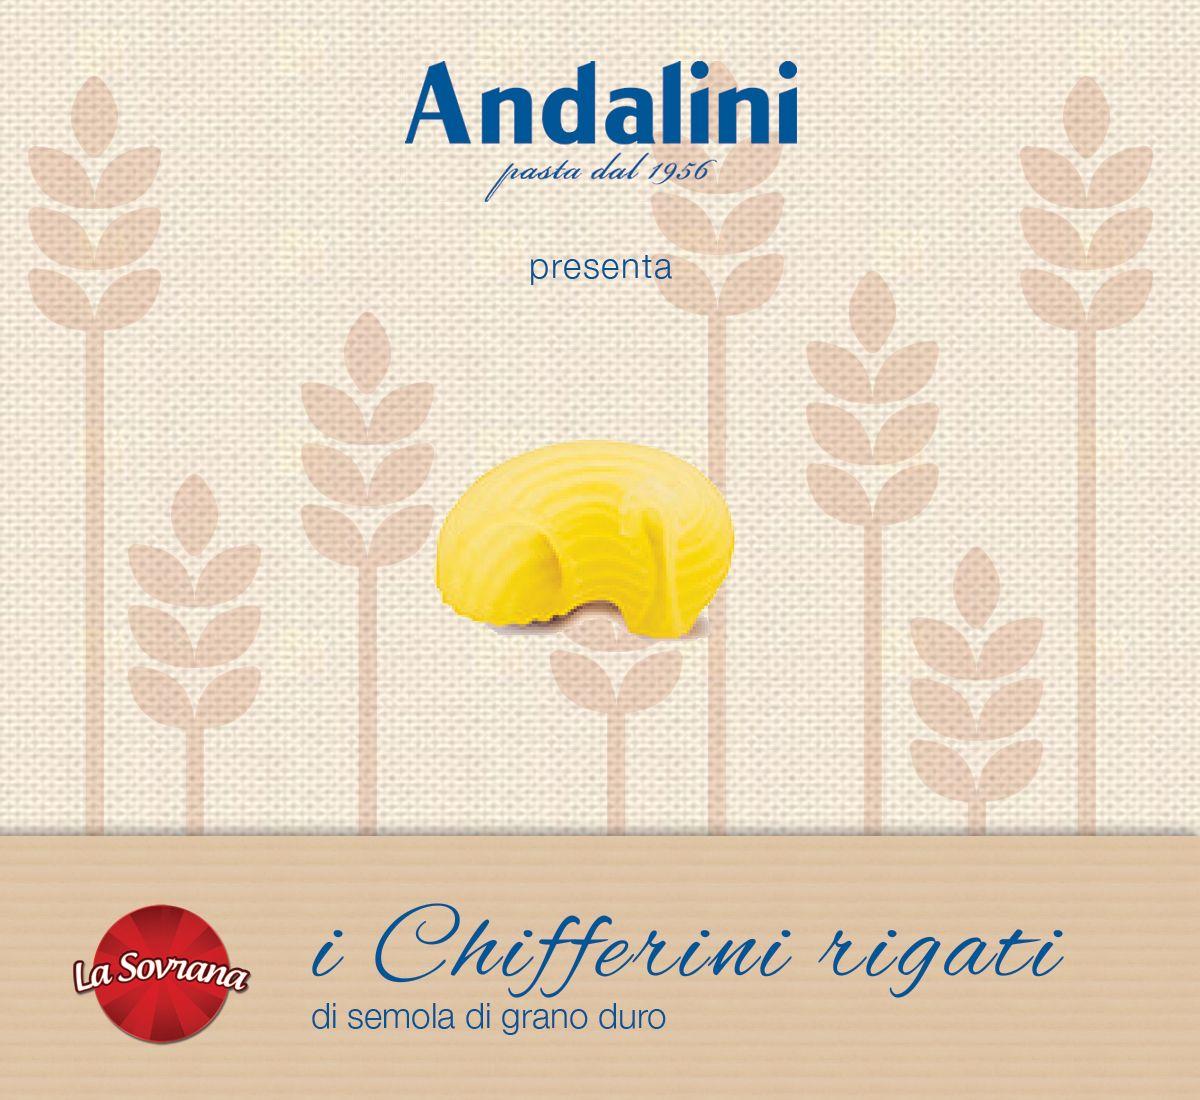 Oggi vi presentiamo i nostri #Chifferini rigati #LaSovrana, un formato originale per i vostri piatti più gustosi. Li avete già provati?